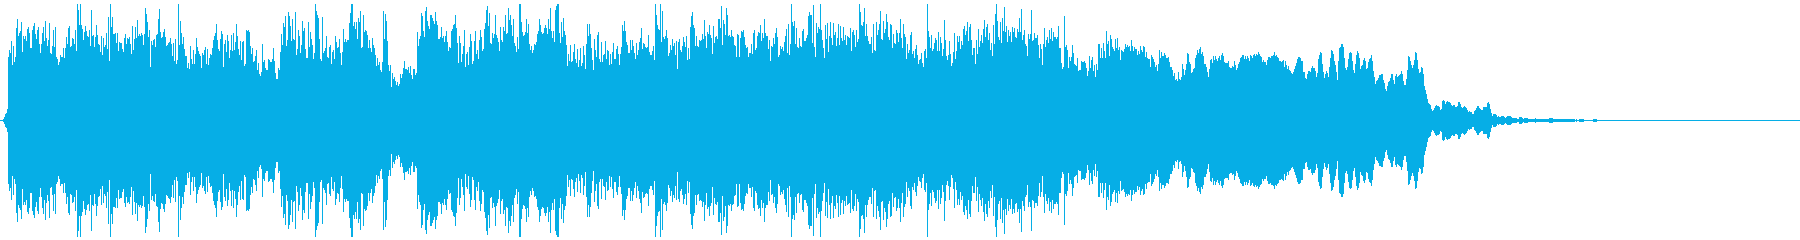 ゴリゴリな和風EDMジングル ※11秒版の再生済みの波形